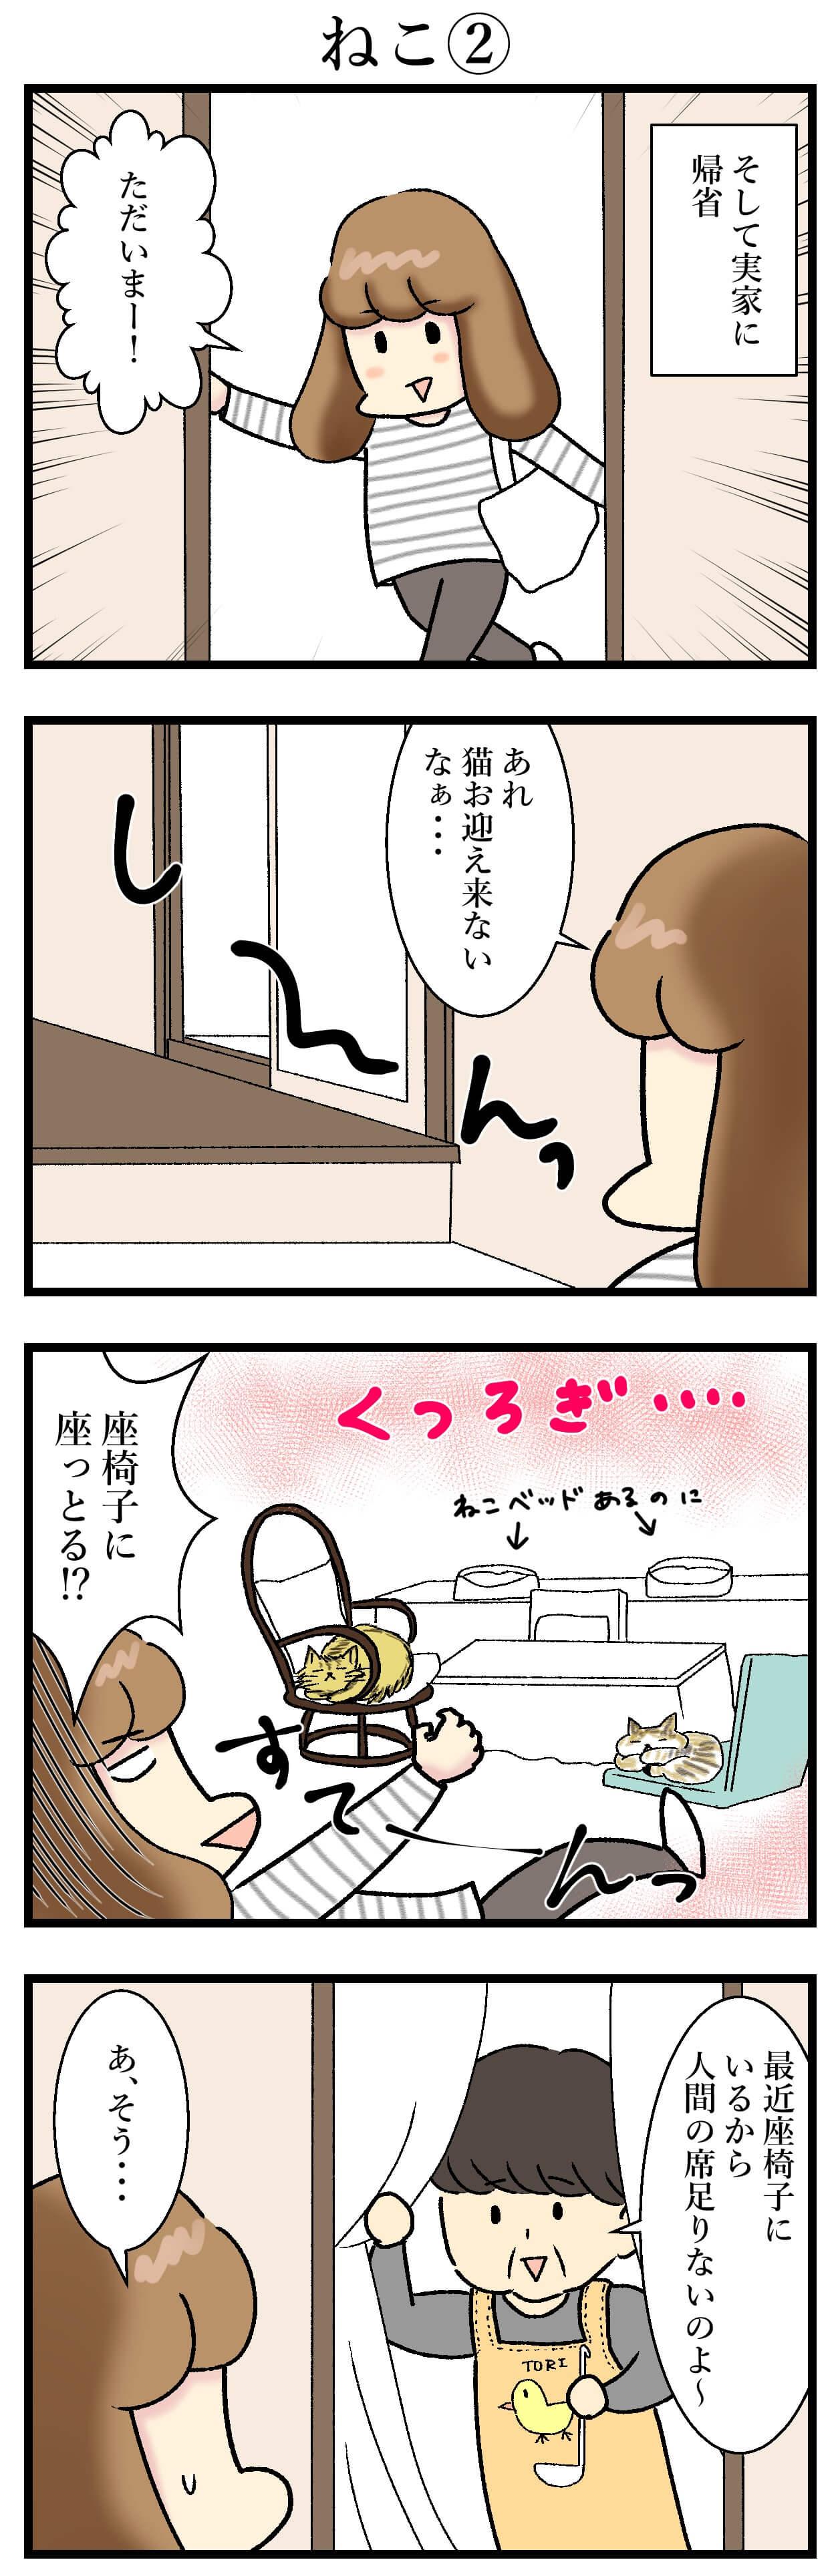 【エッセイ漫画】アラサー主婦くま子のふがいない日常(67)